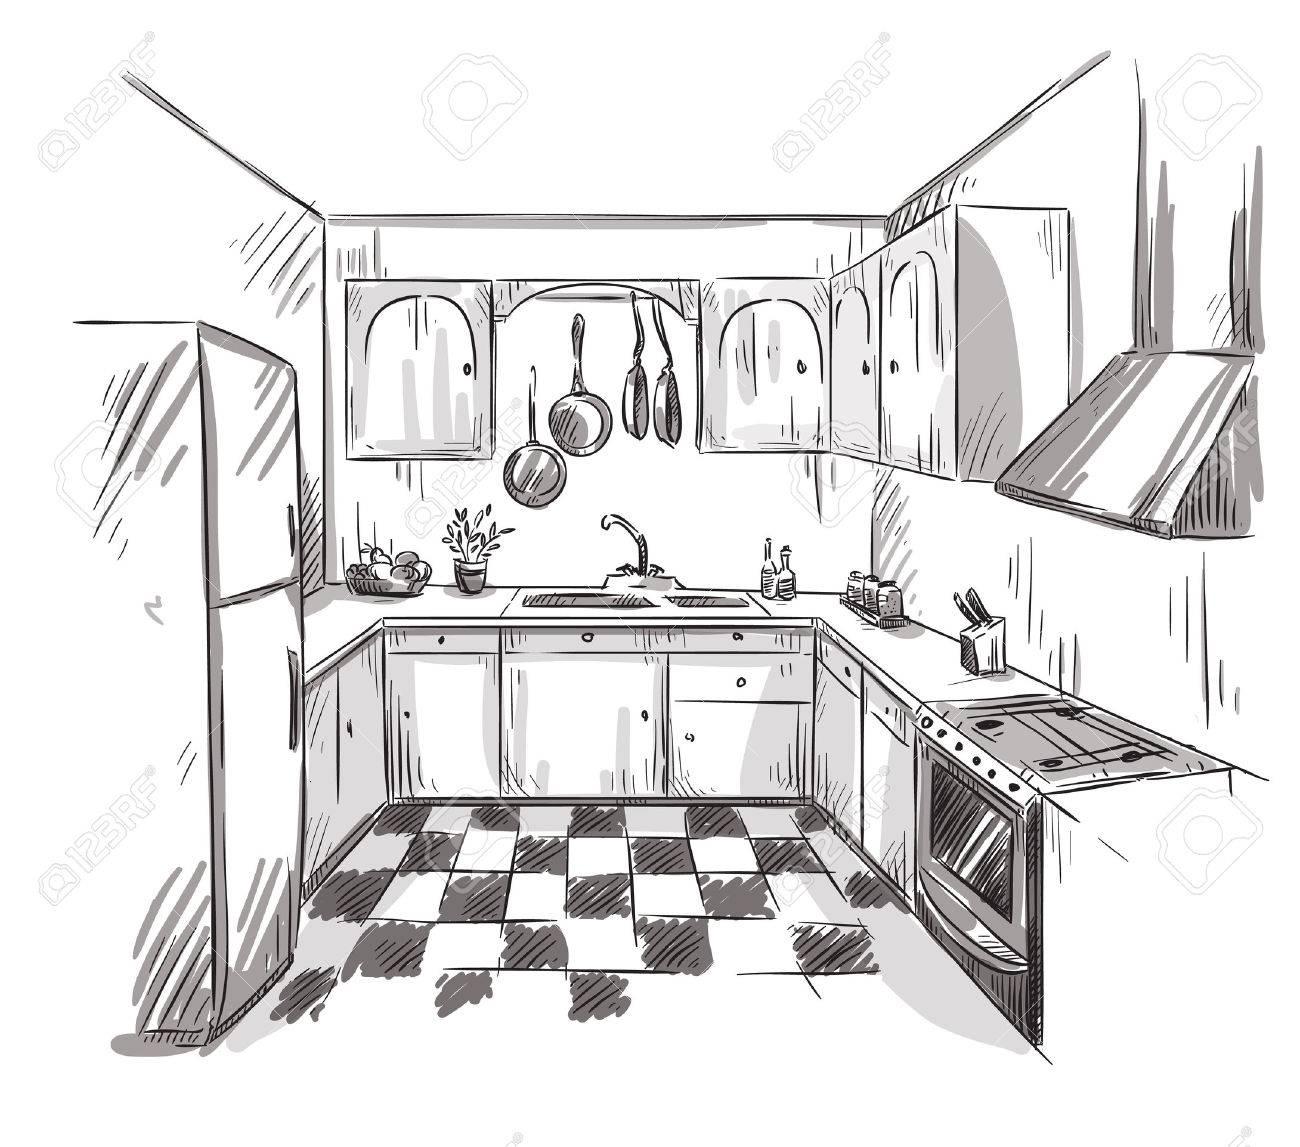 Cuisine Dessin Interieur Illustration Vectorielle Clip Art Libres